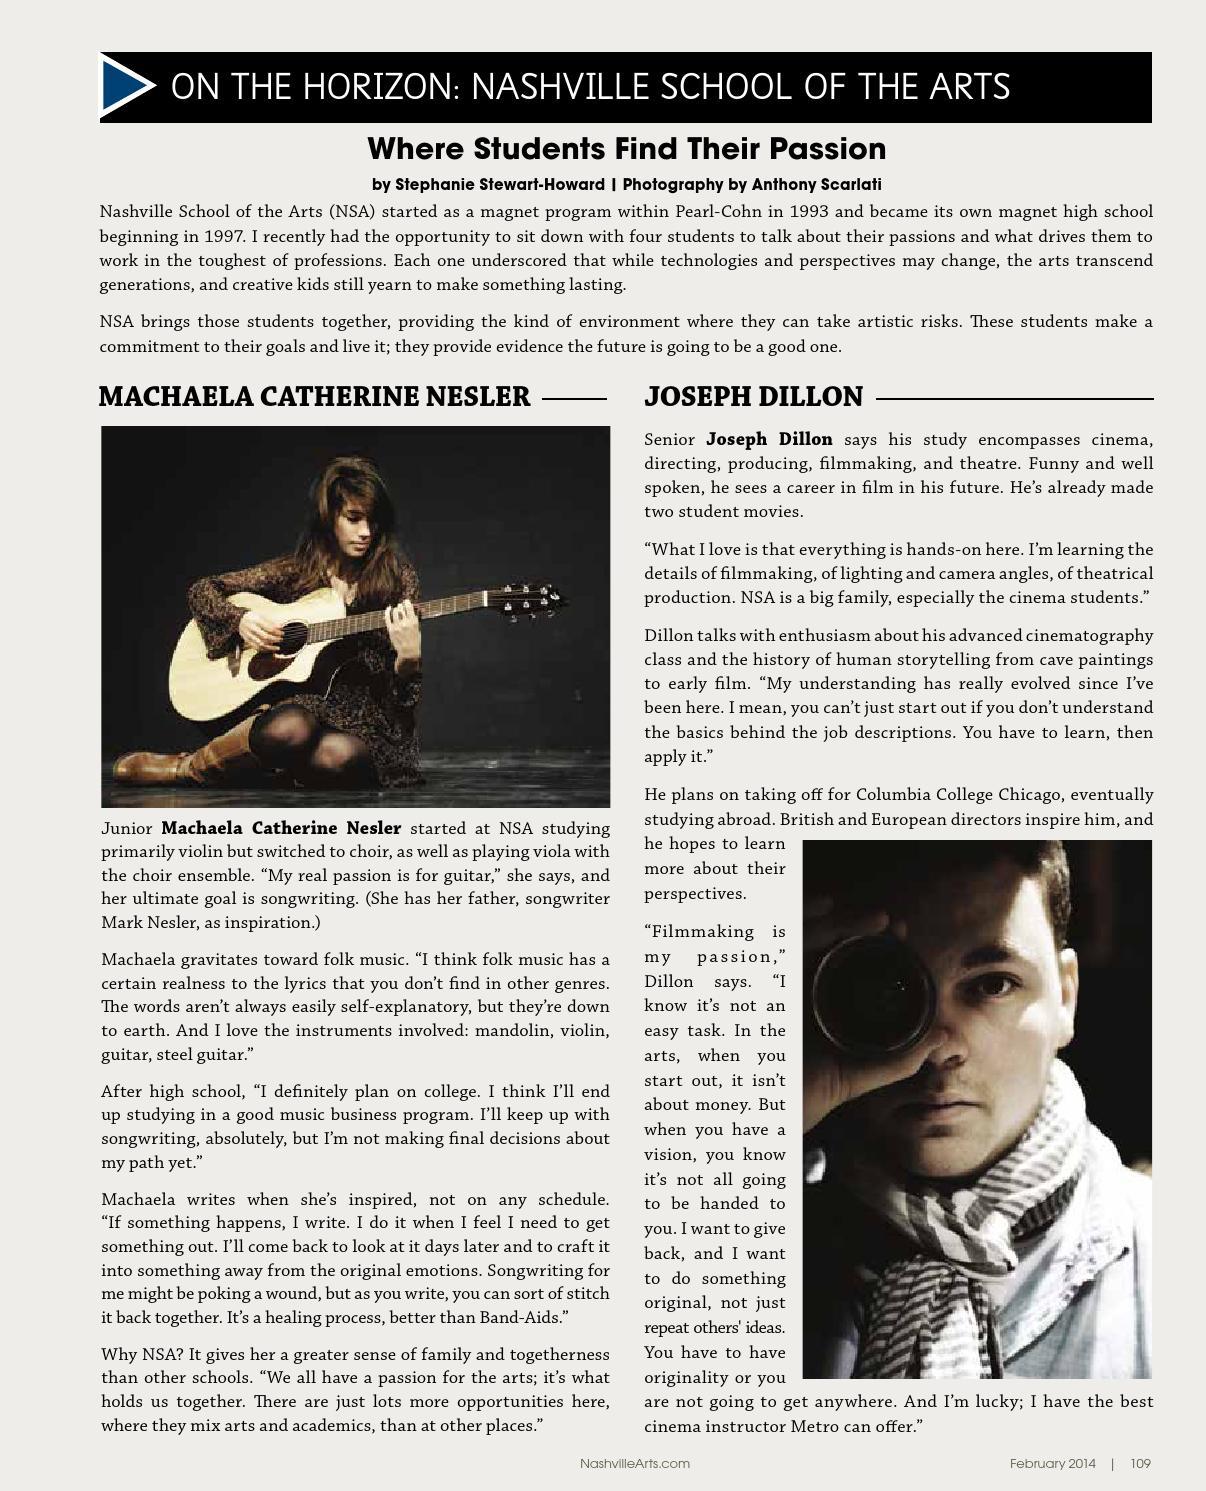 2014 February Nashville Arts Magazine